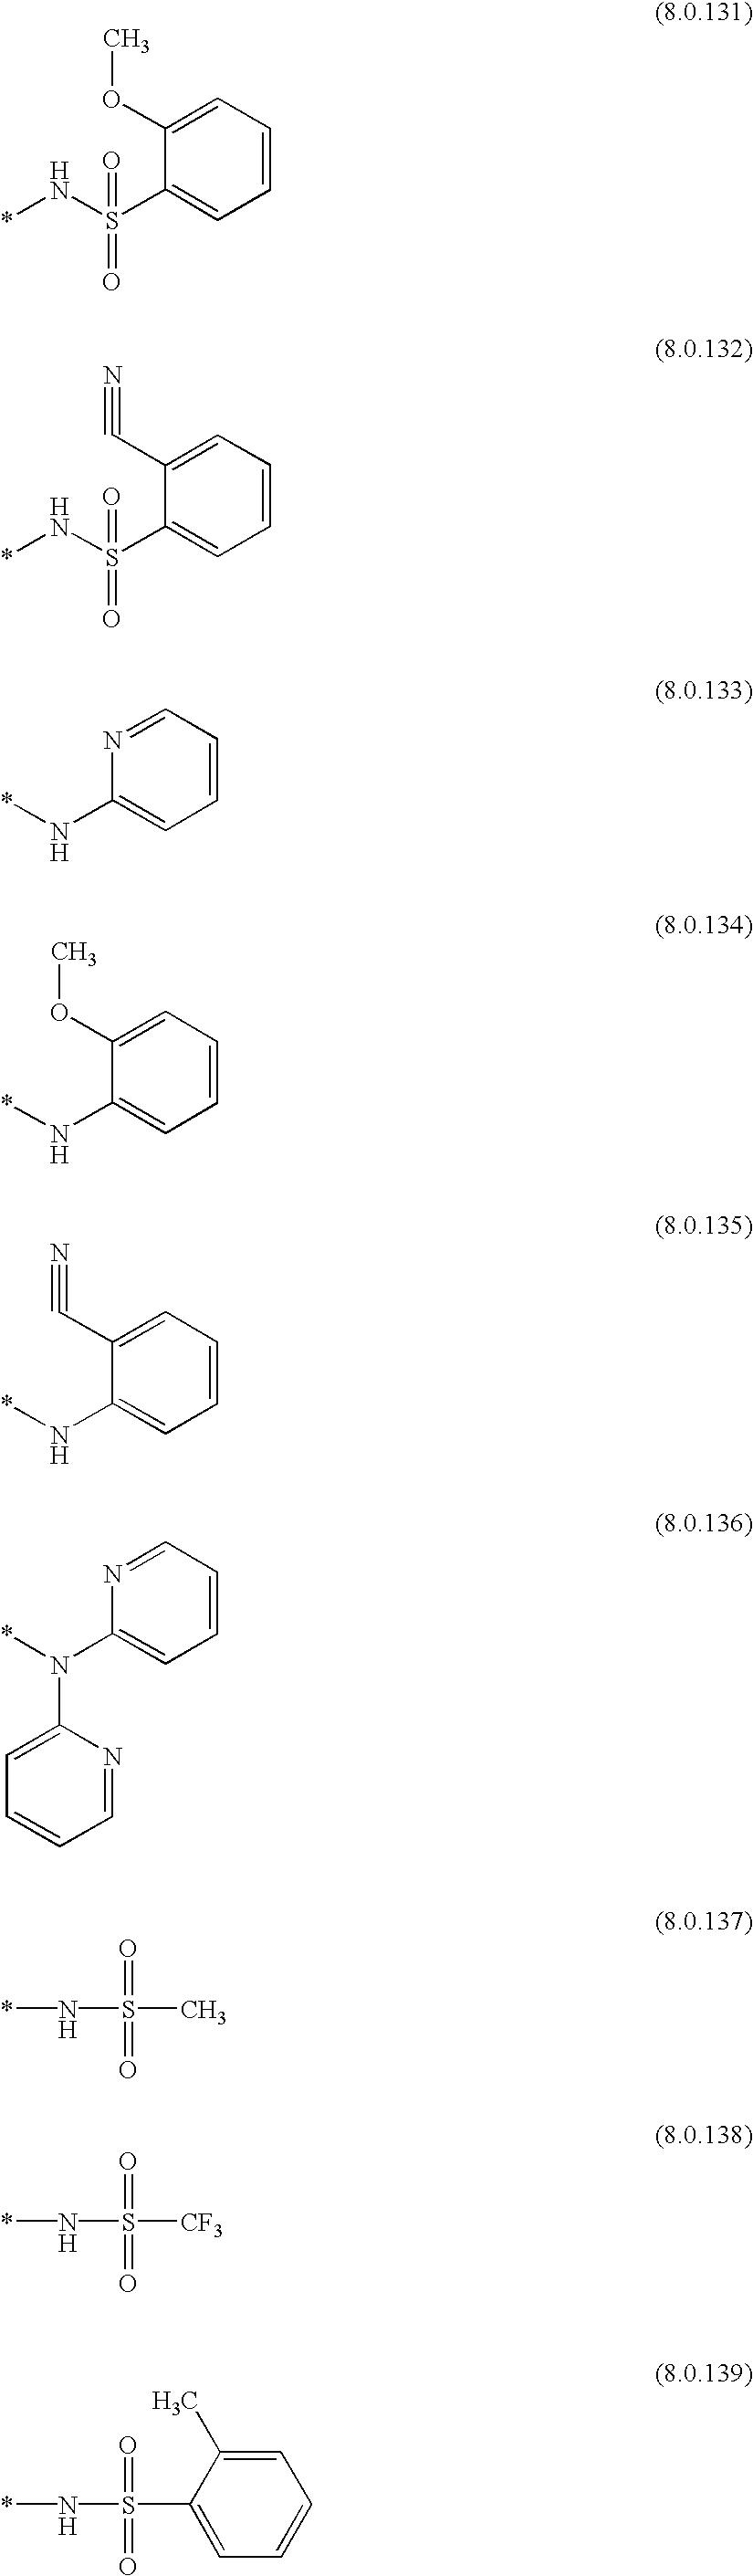 Figure US20030186974A1-20031002-C00219